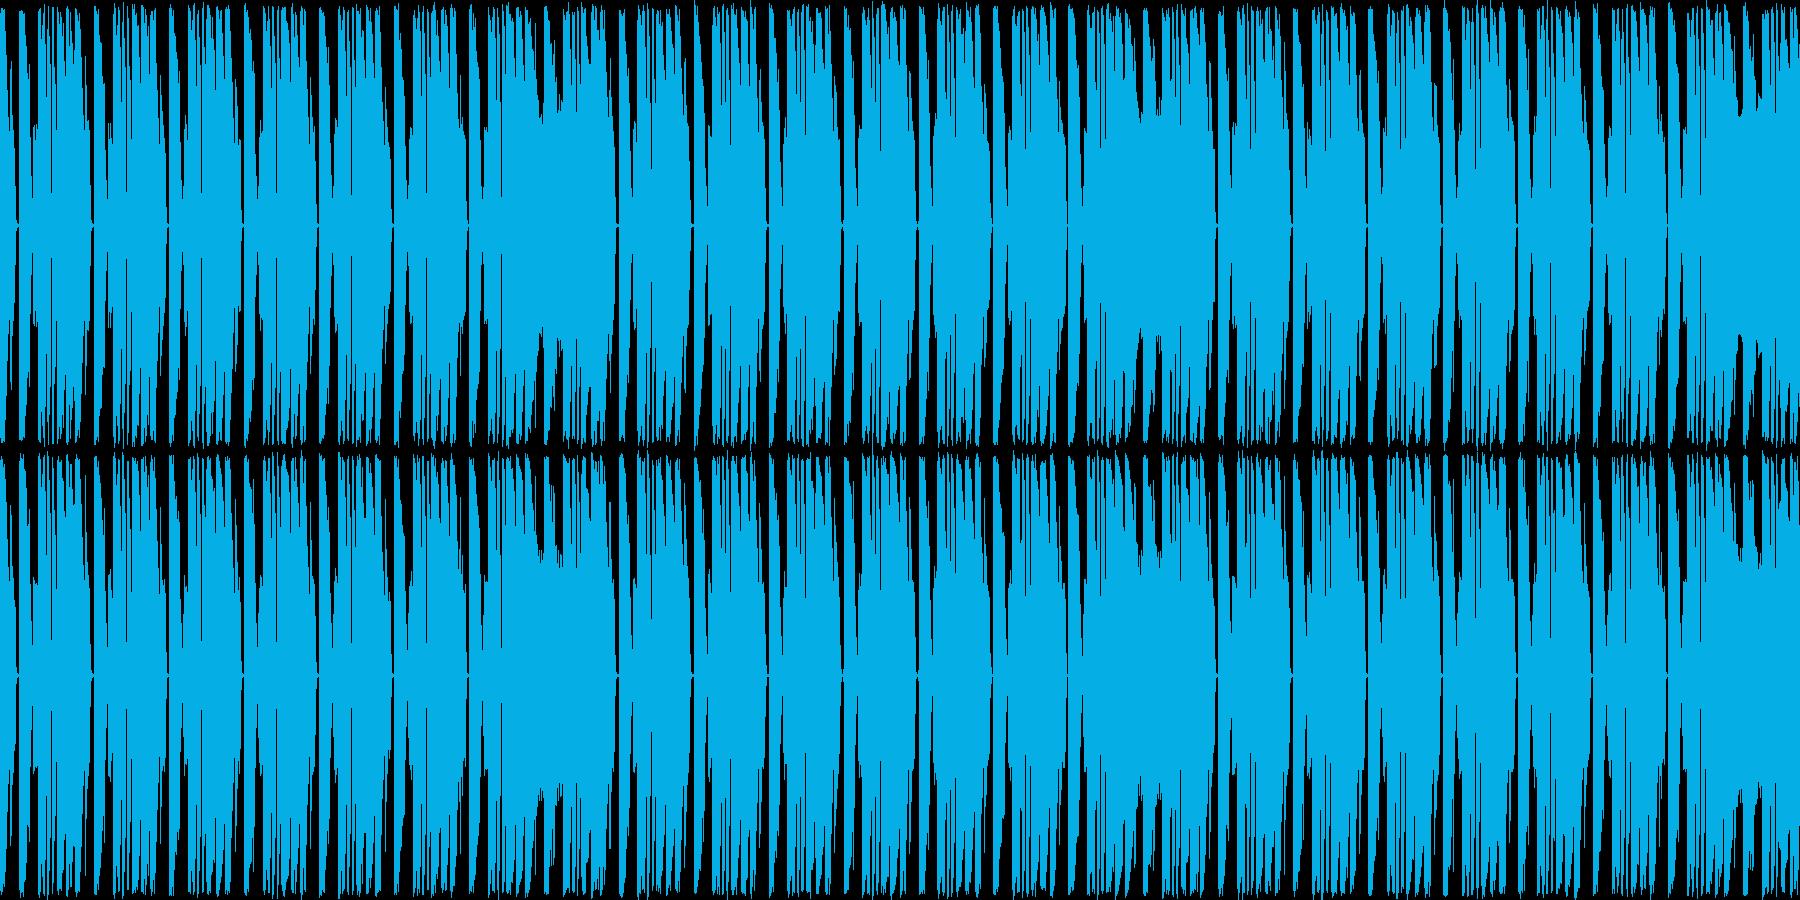 可愛いアップテンポなテクノポップの再生済みの波形